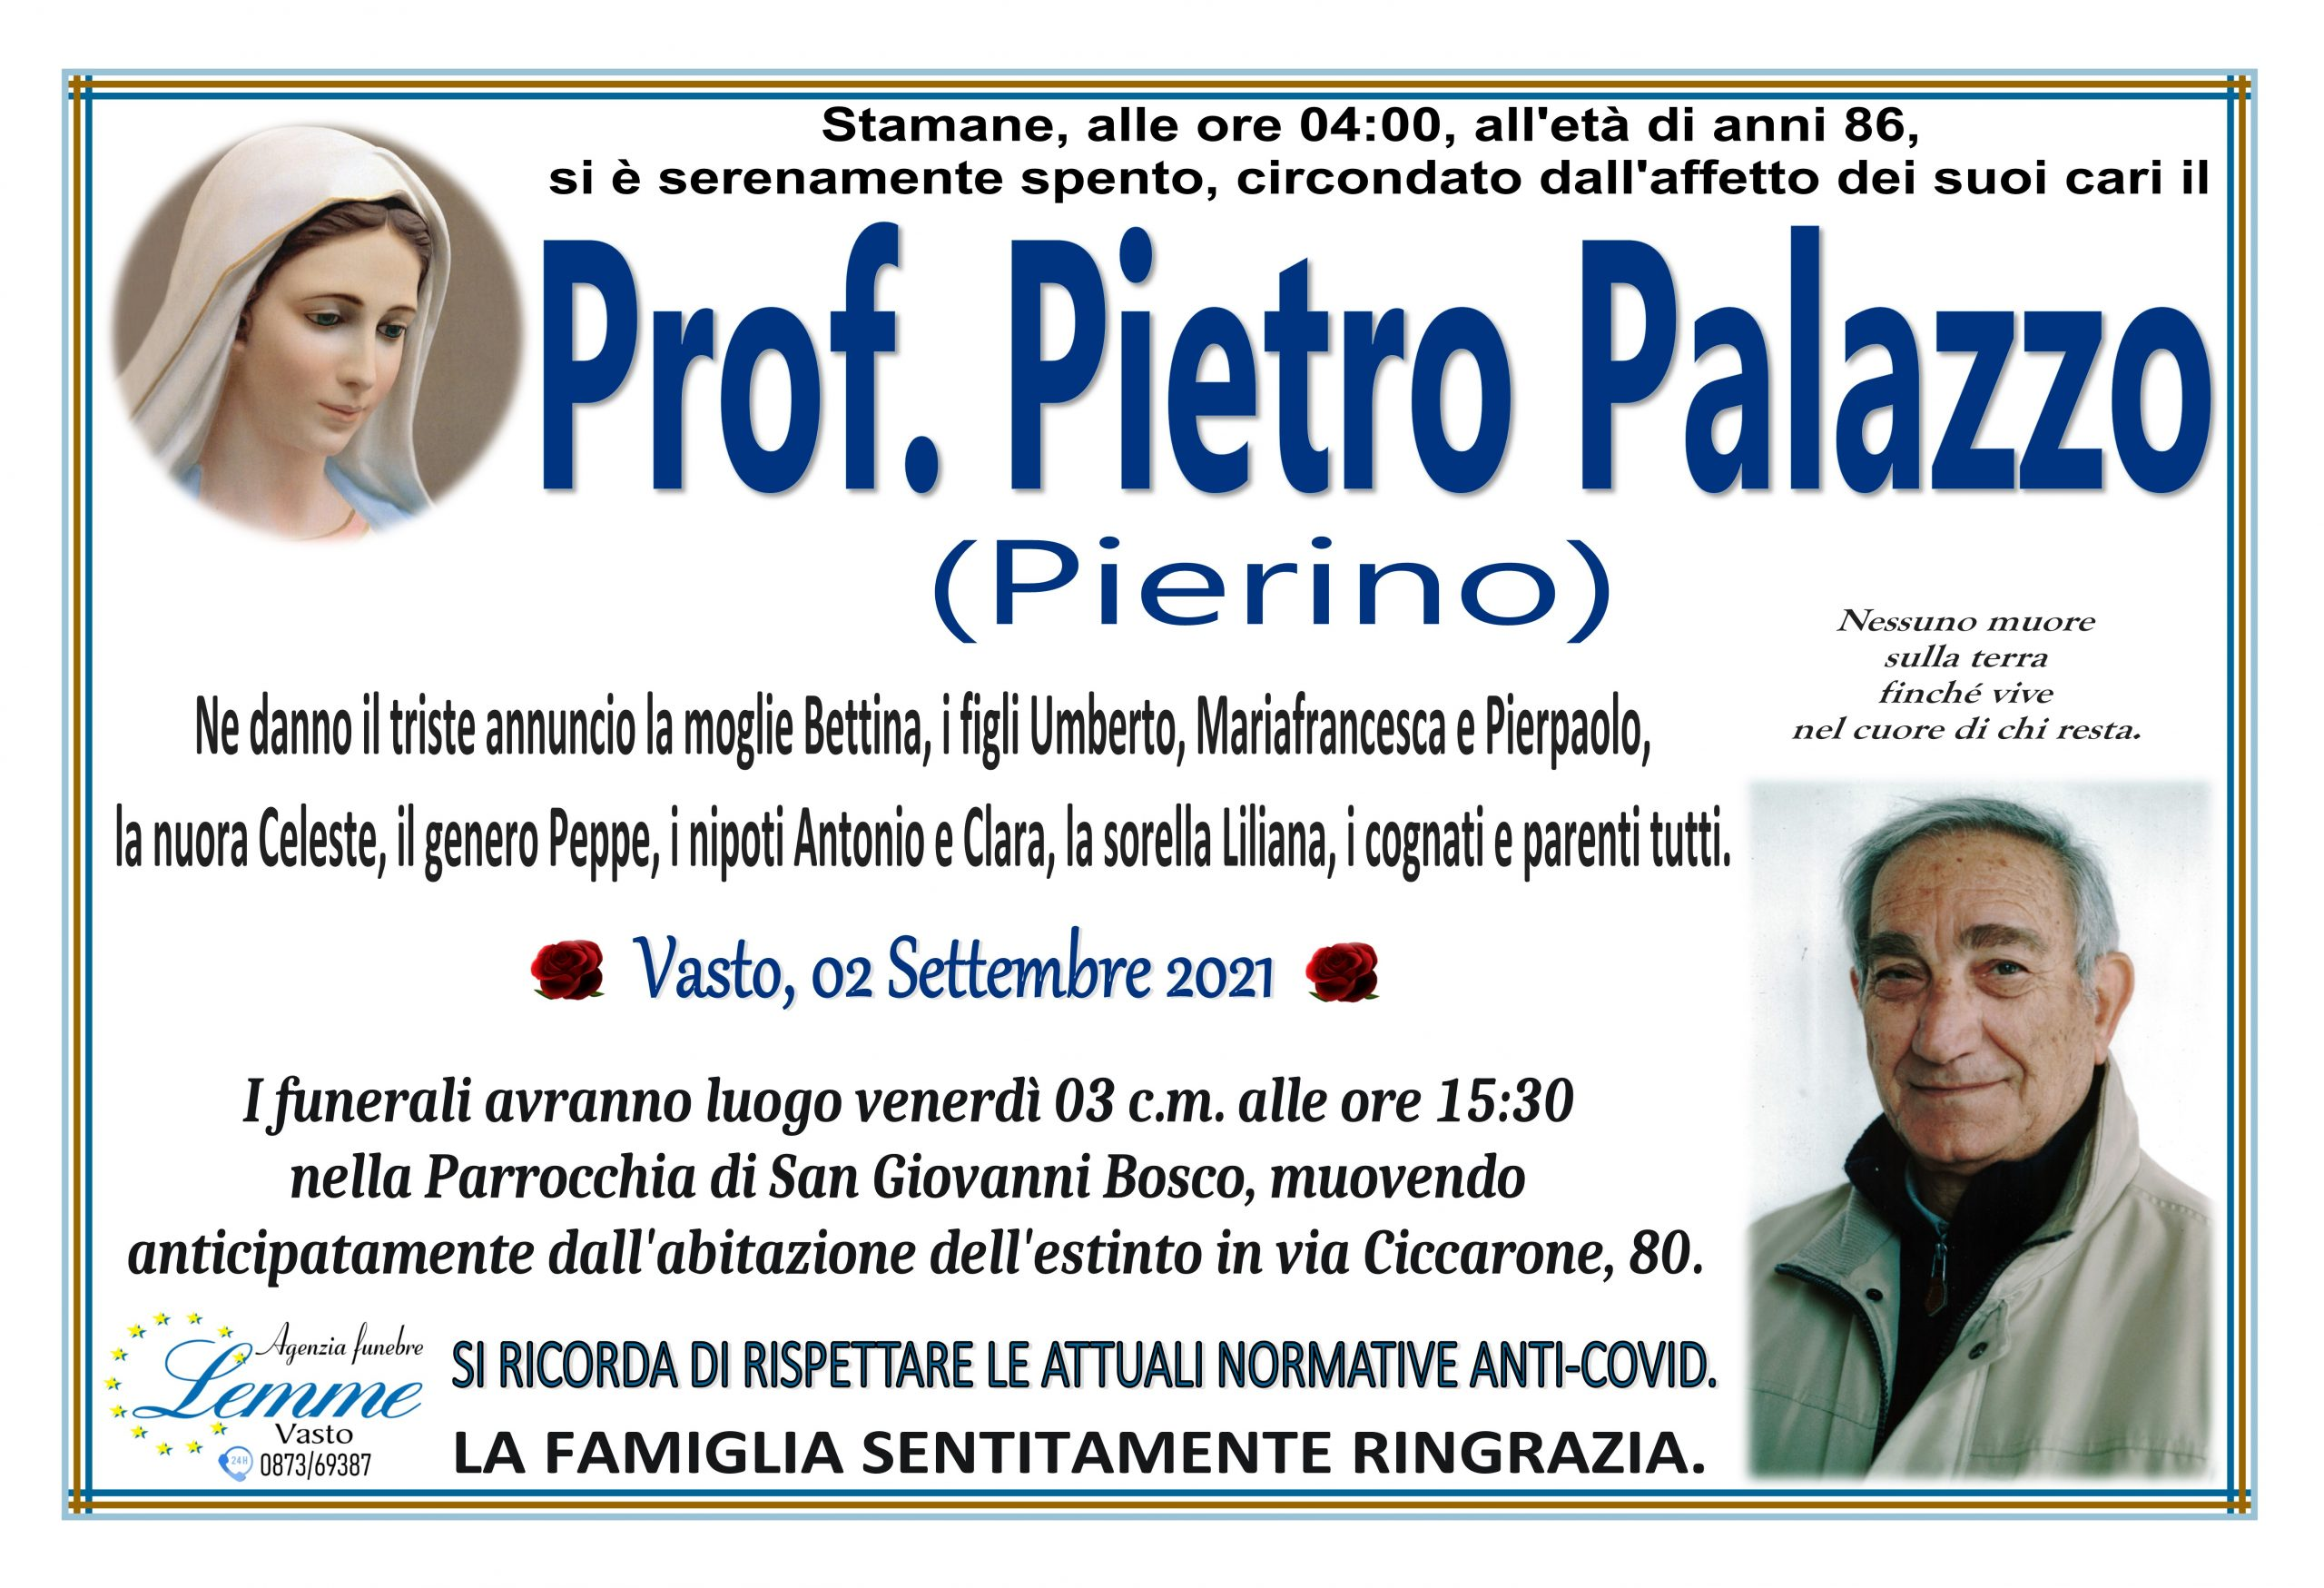 PIETRO PALAZZO